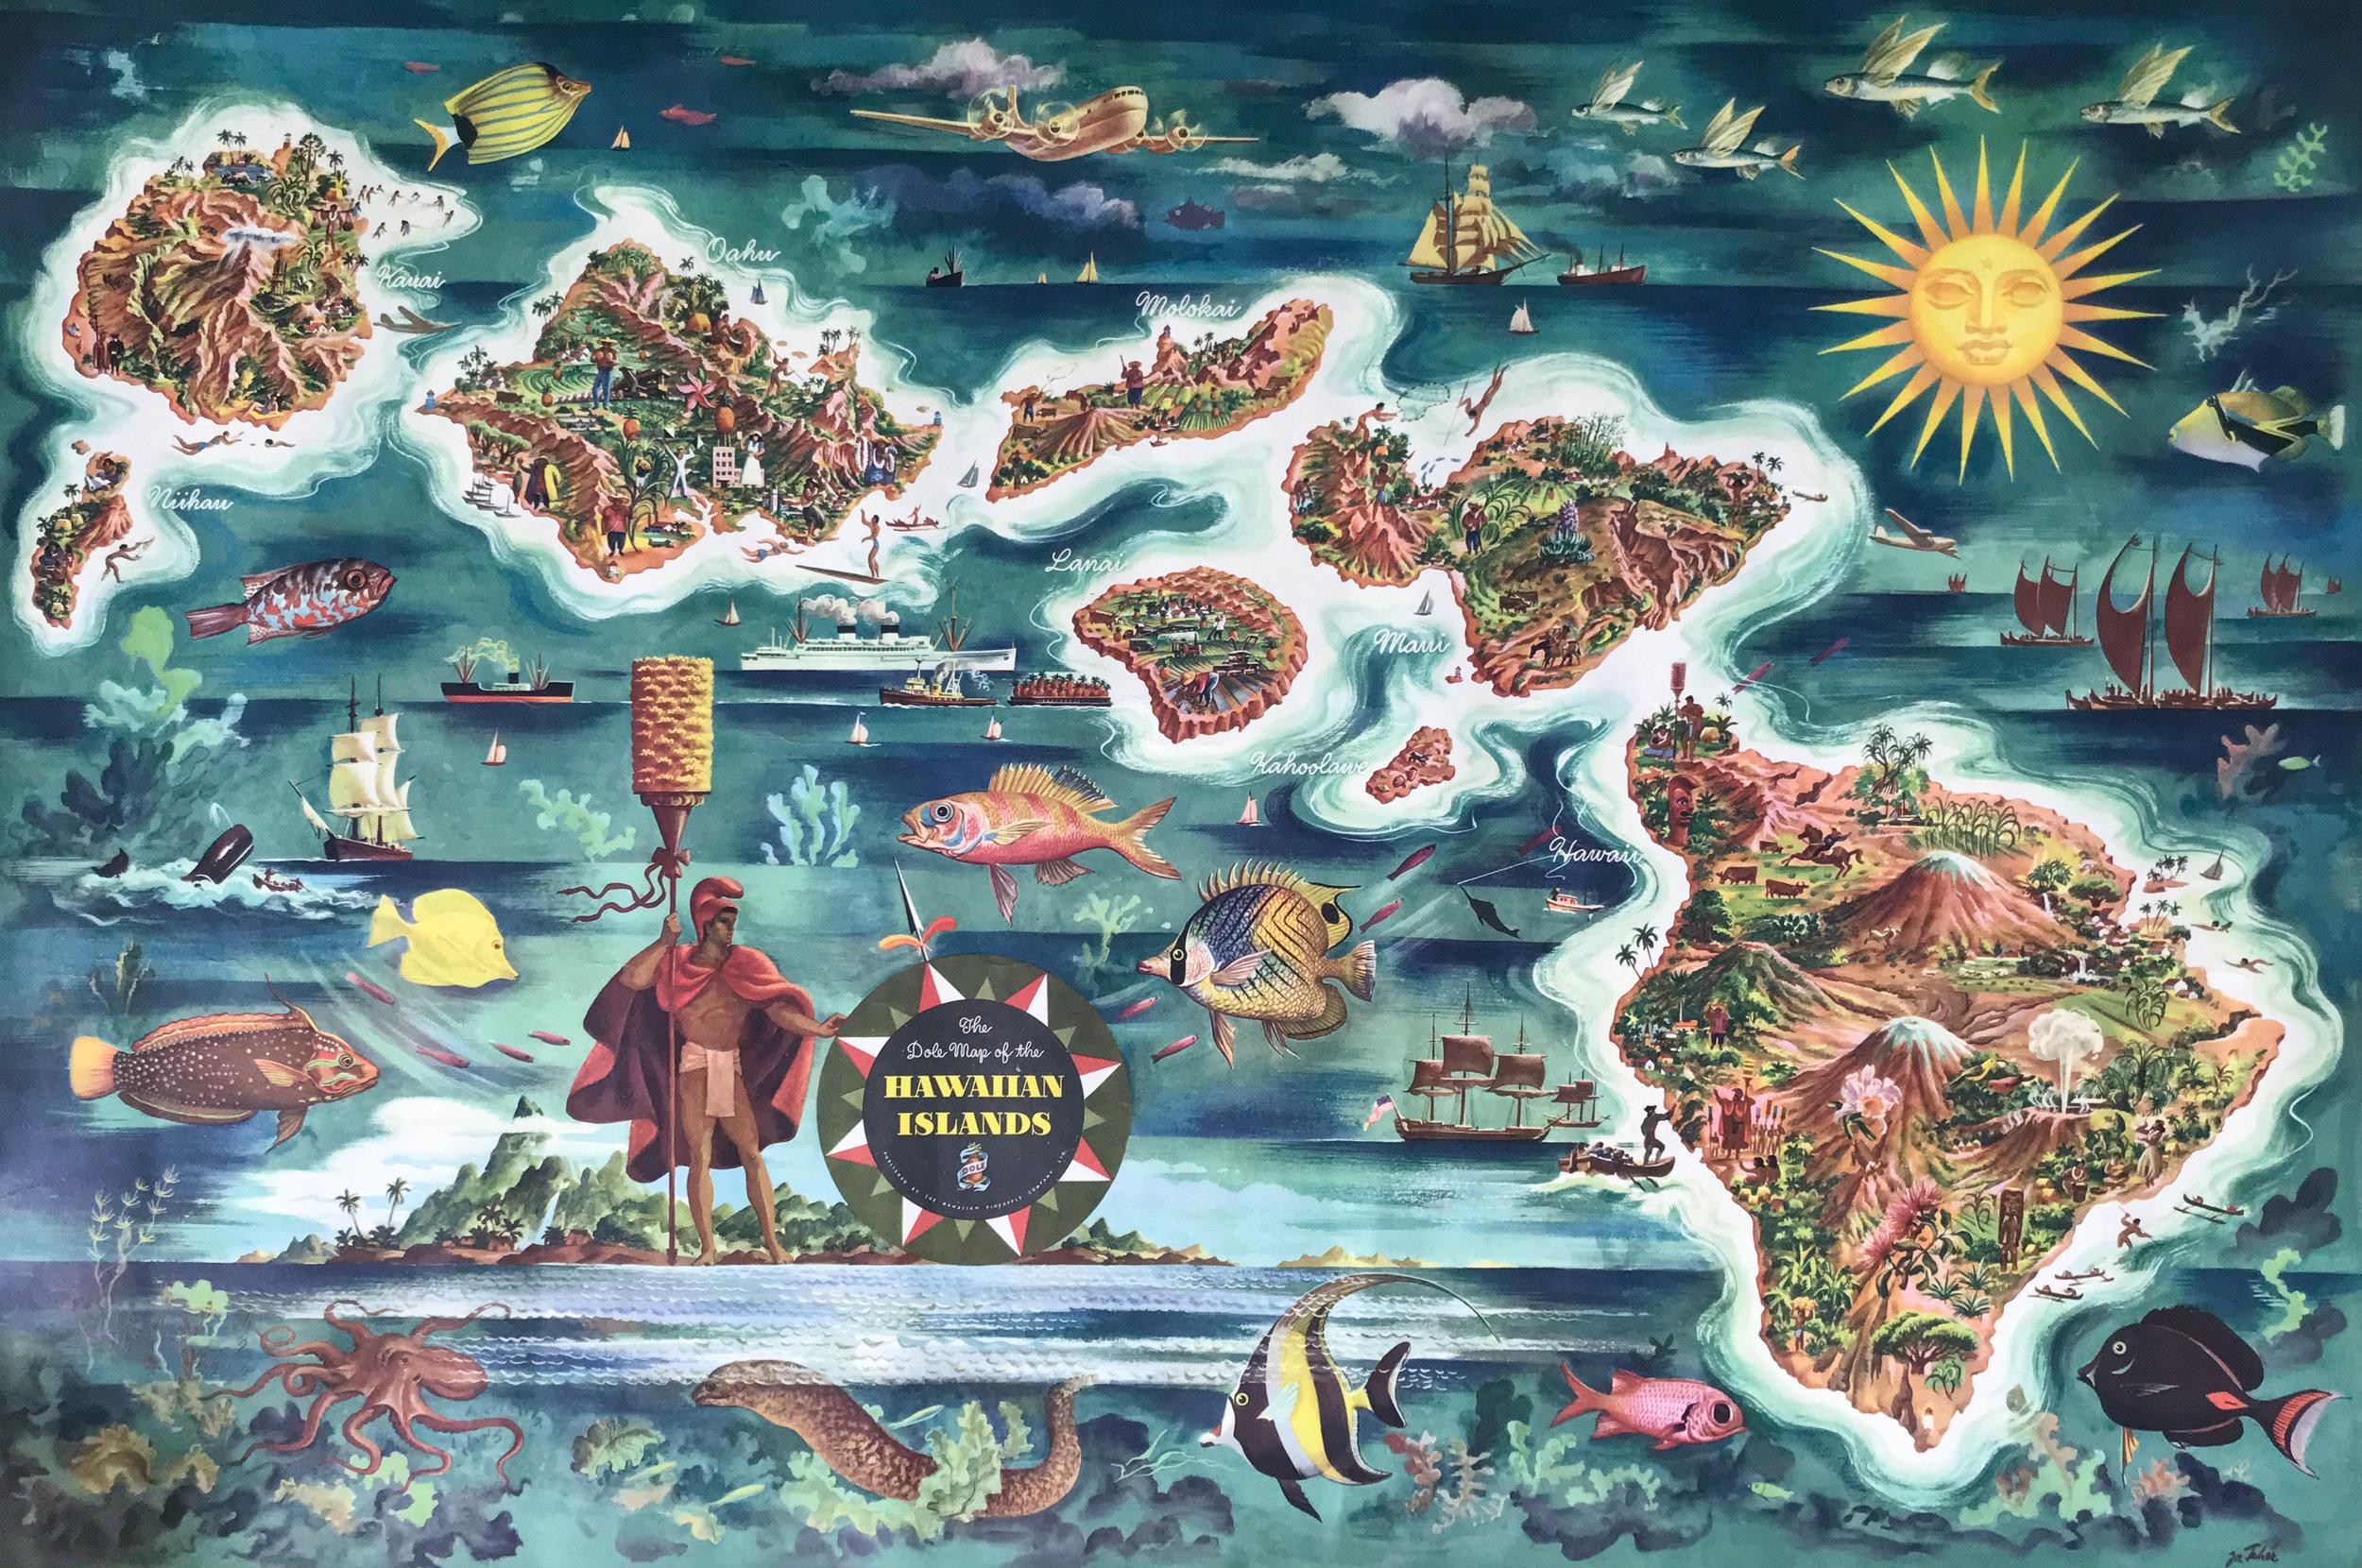 vintage map of hawaii 1950.jpg